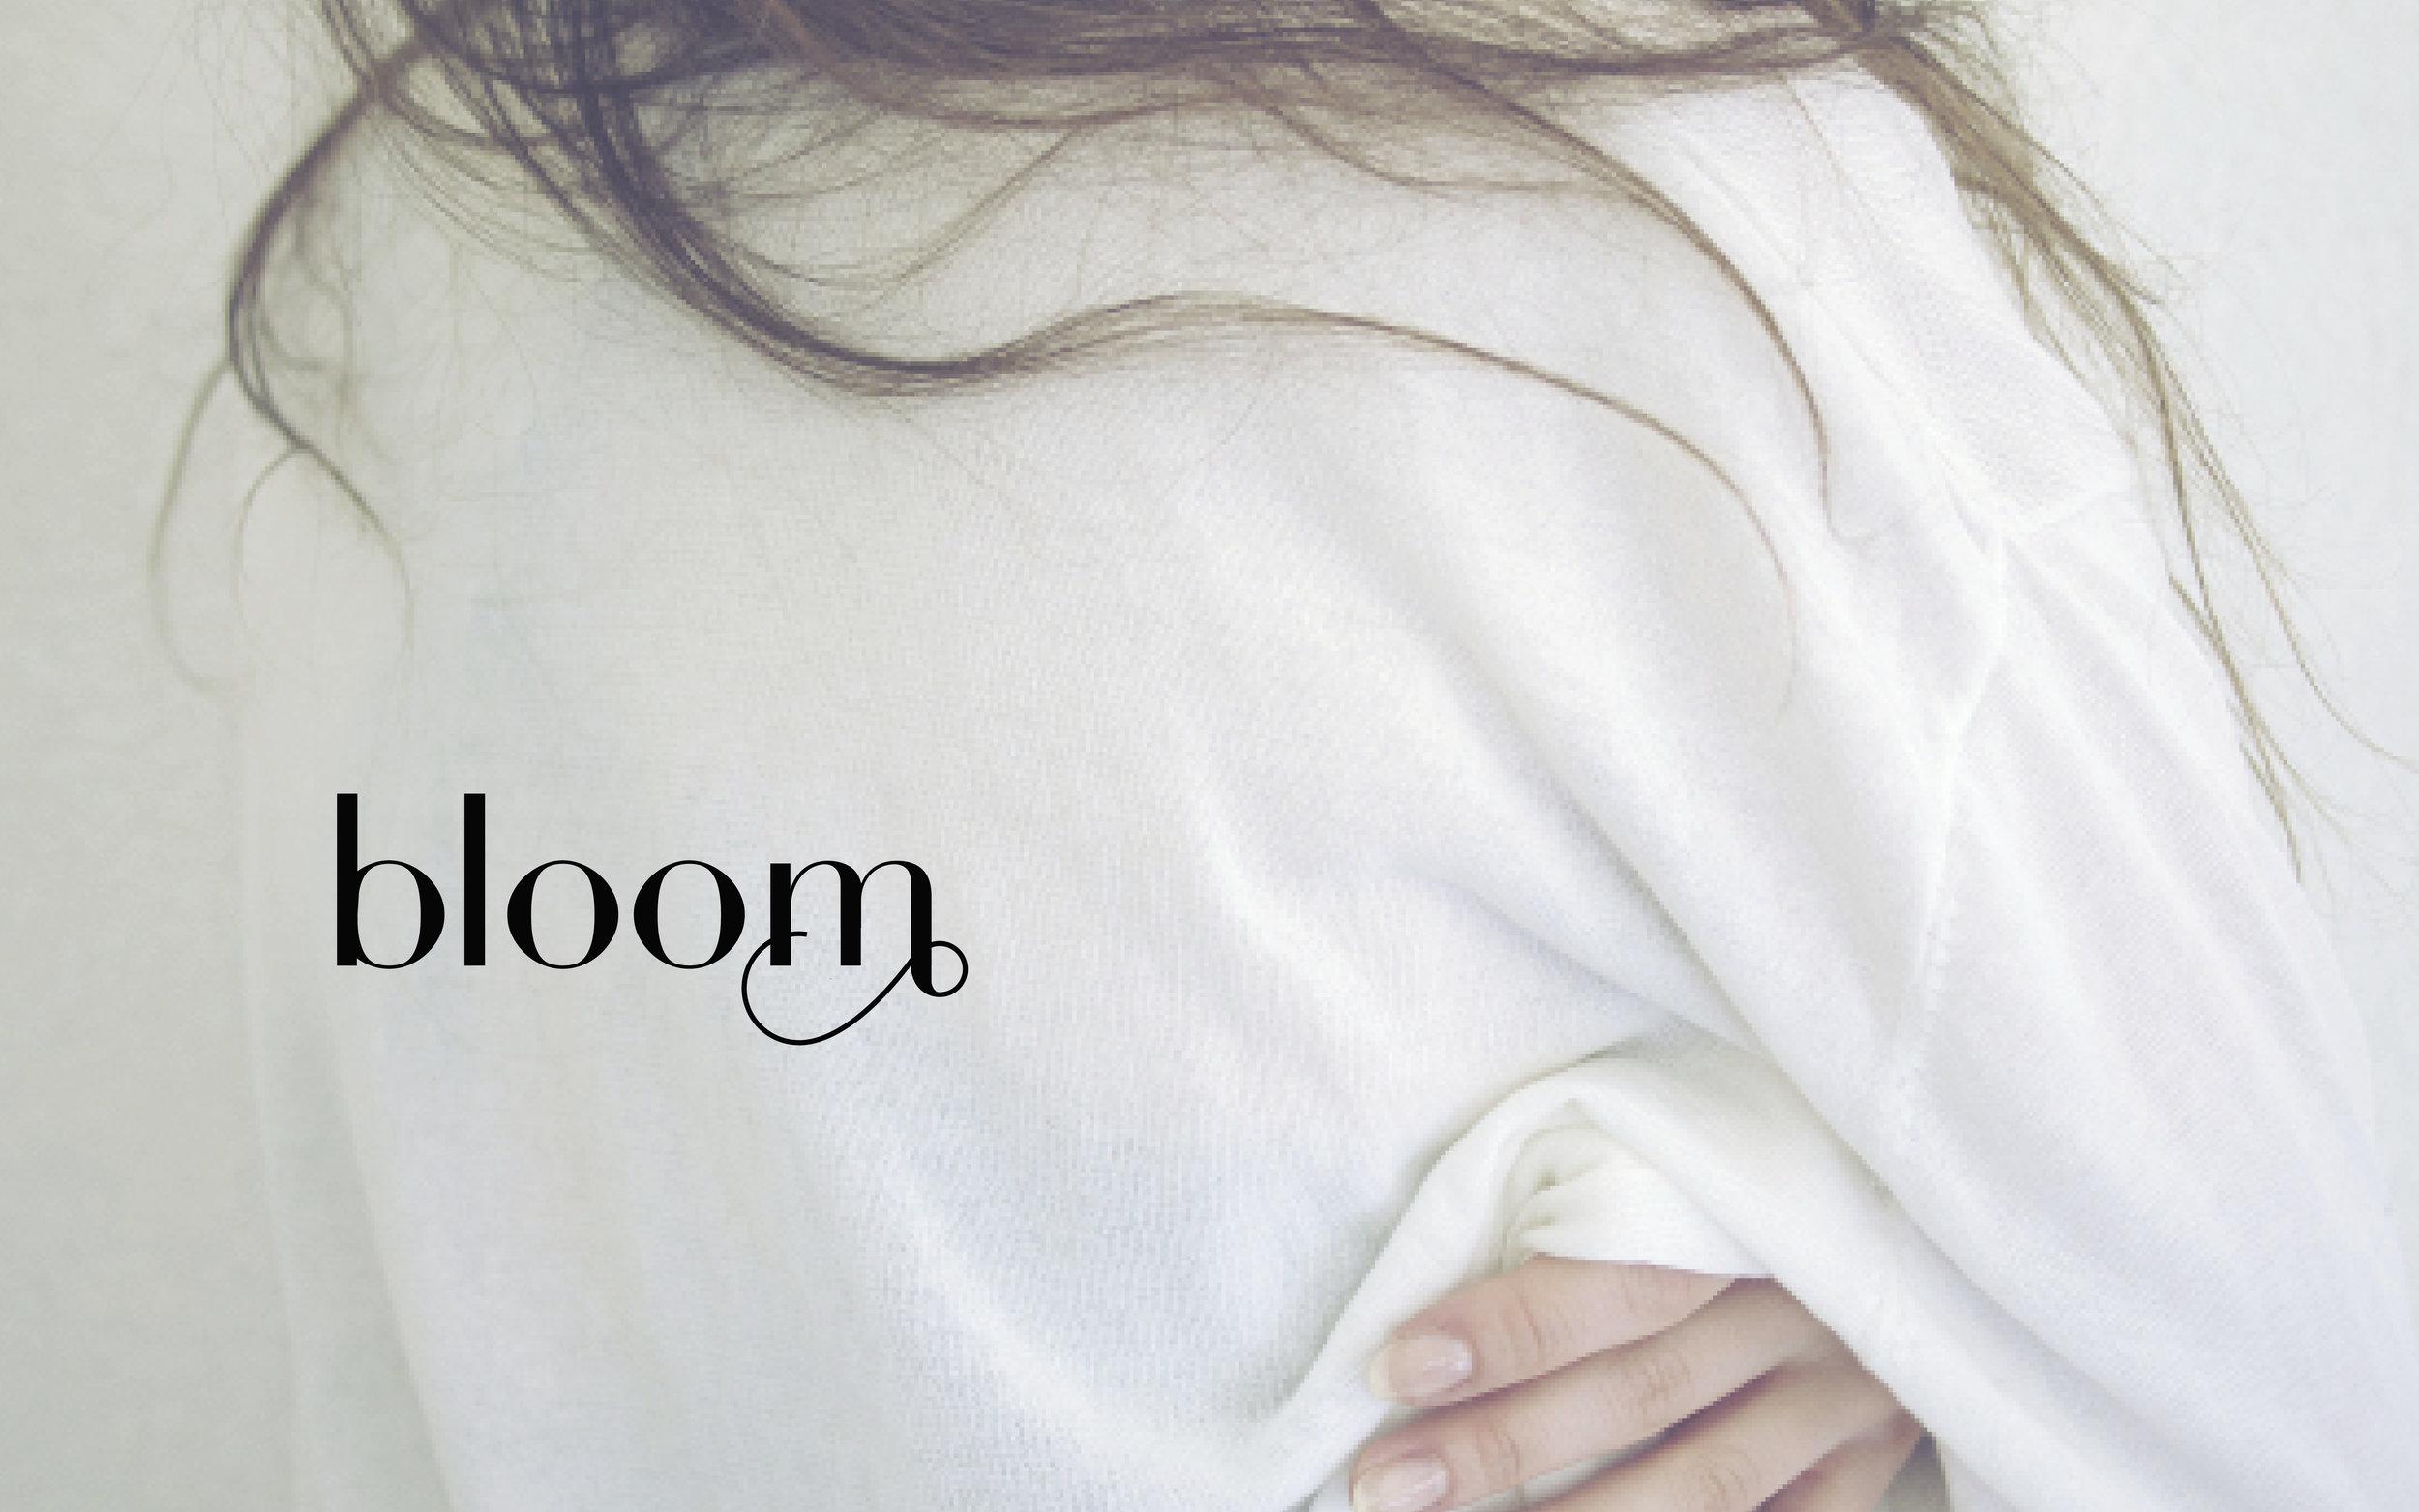 bloom_1.jpg